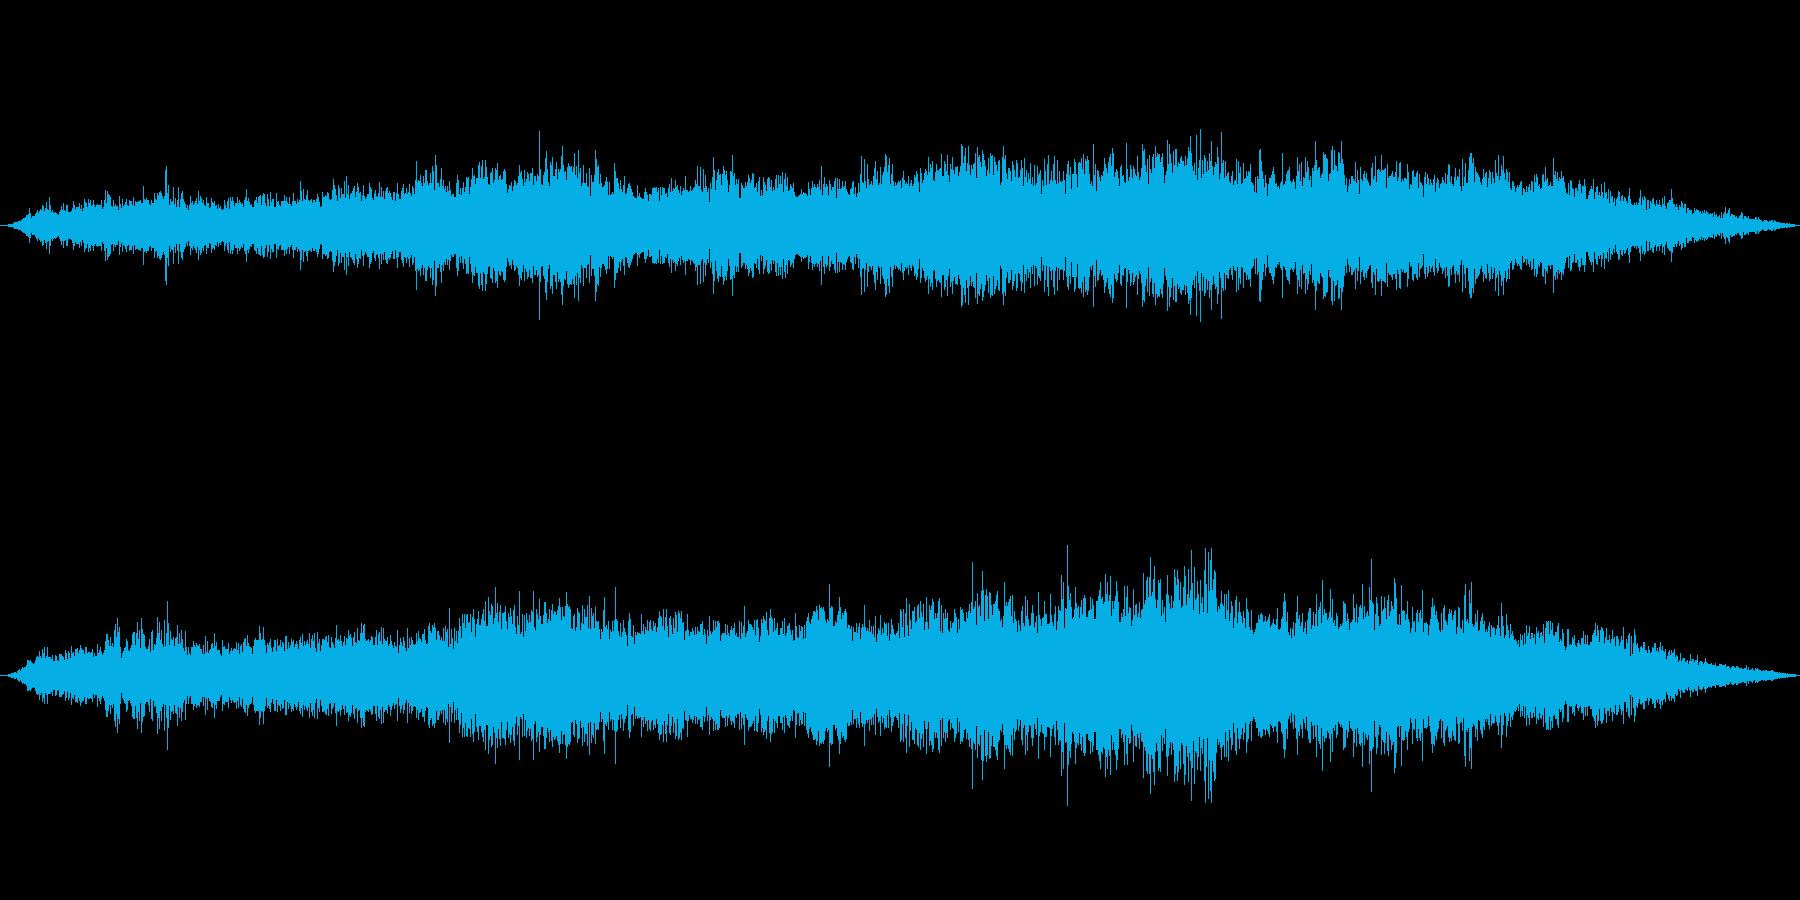 風の効果音(強風、木枯らし、ビル風等)1の再生済みの波形